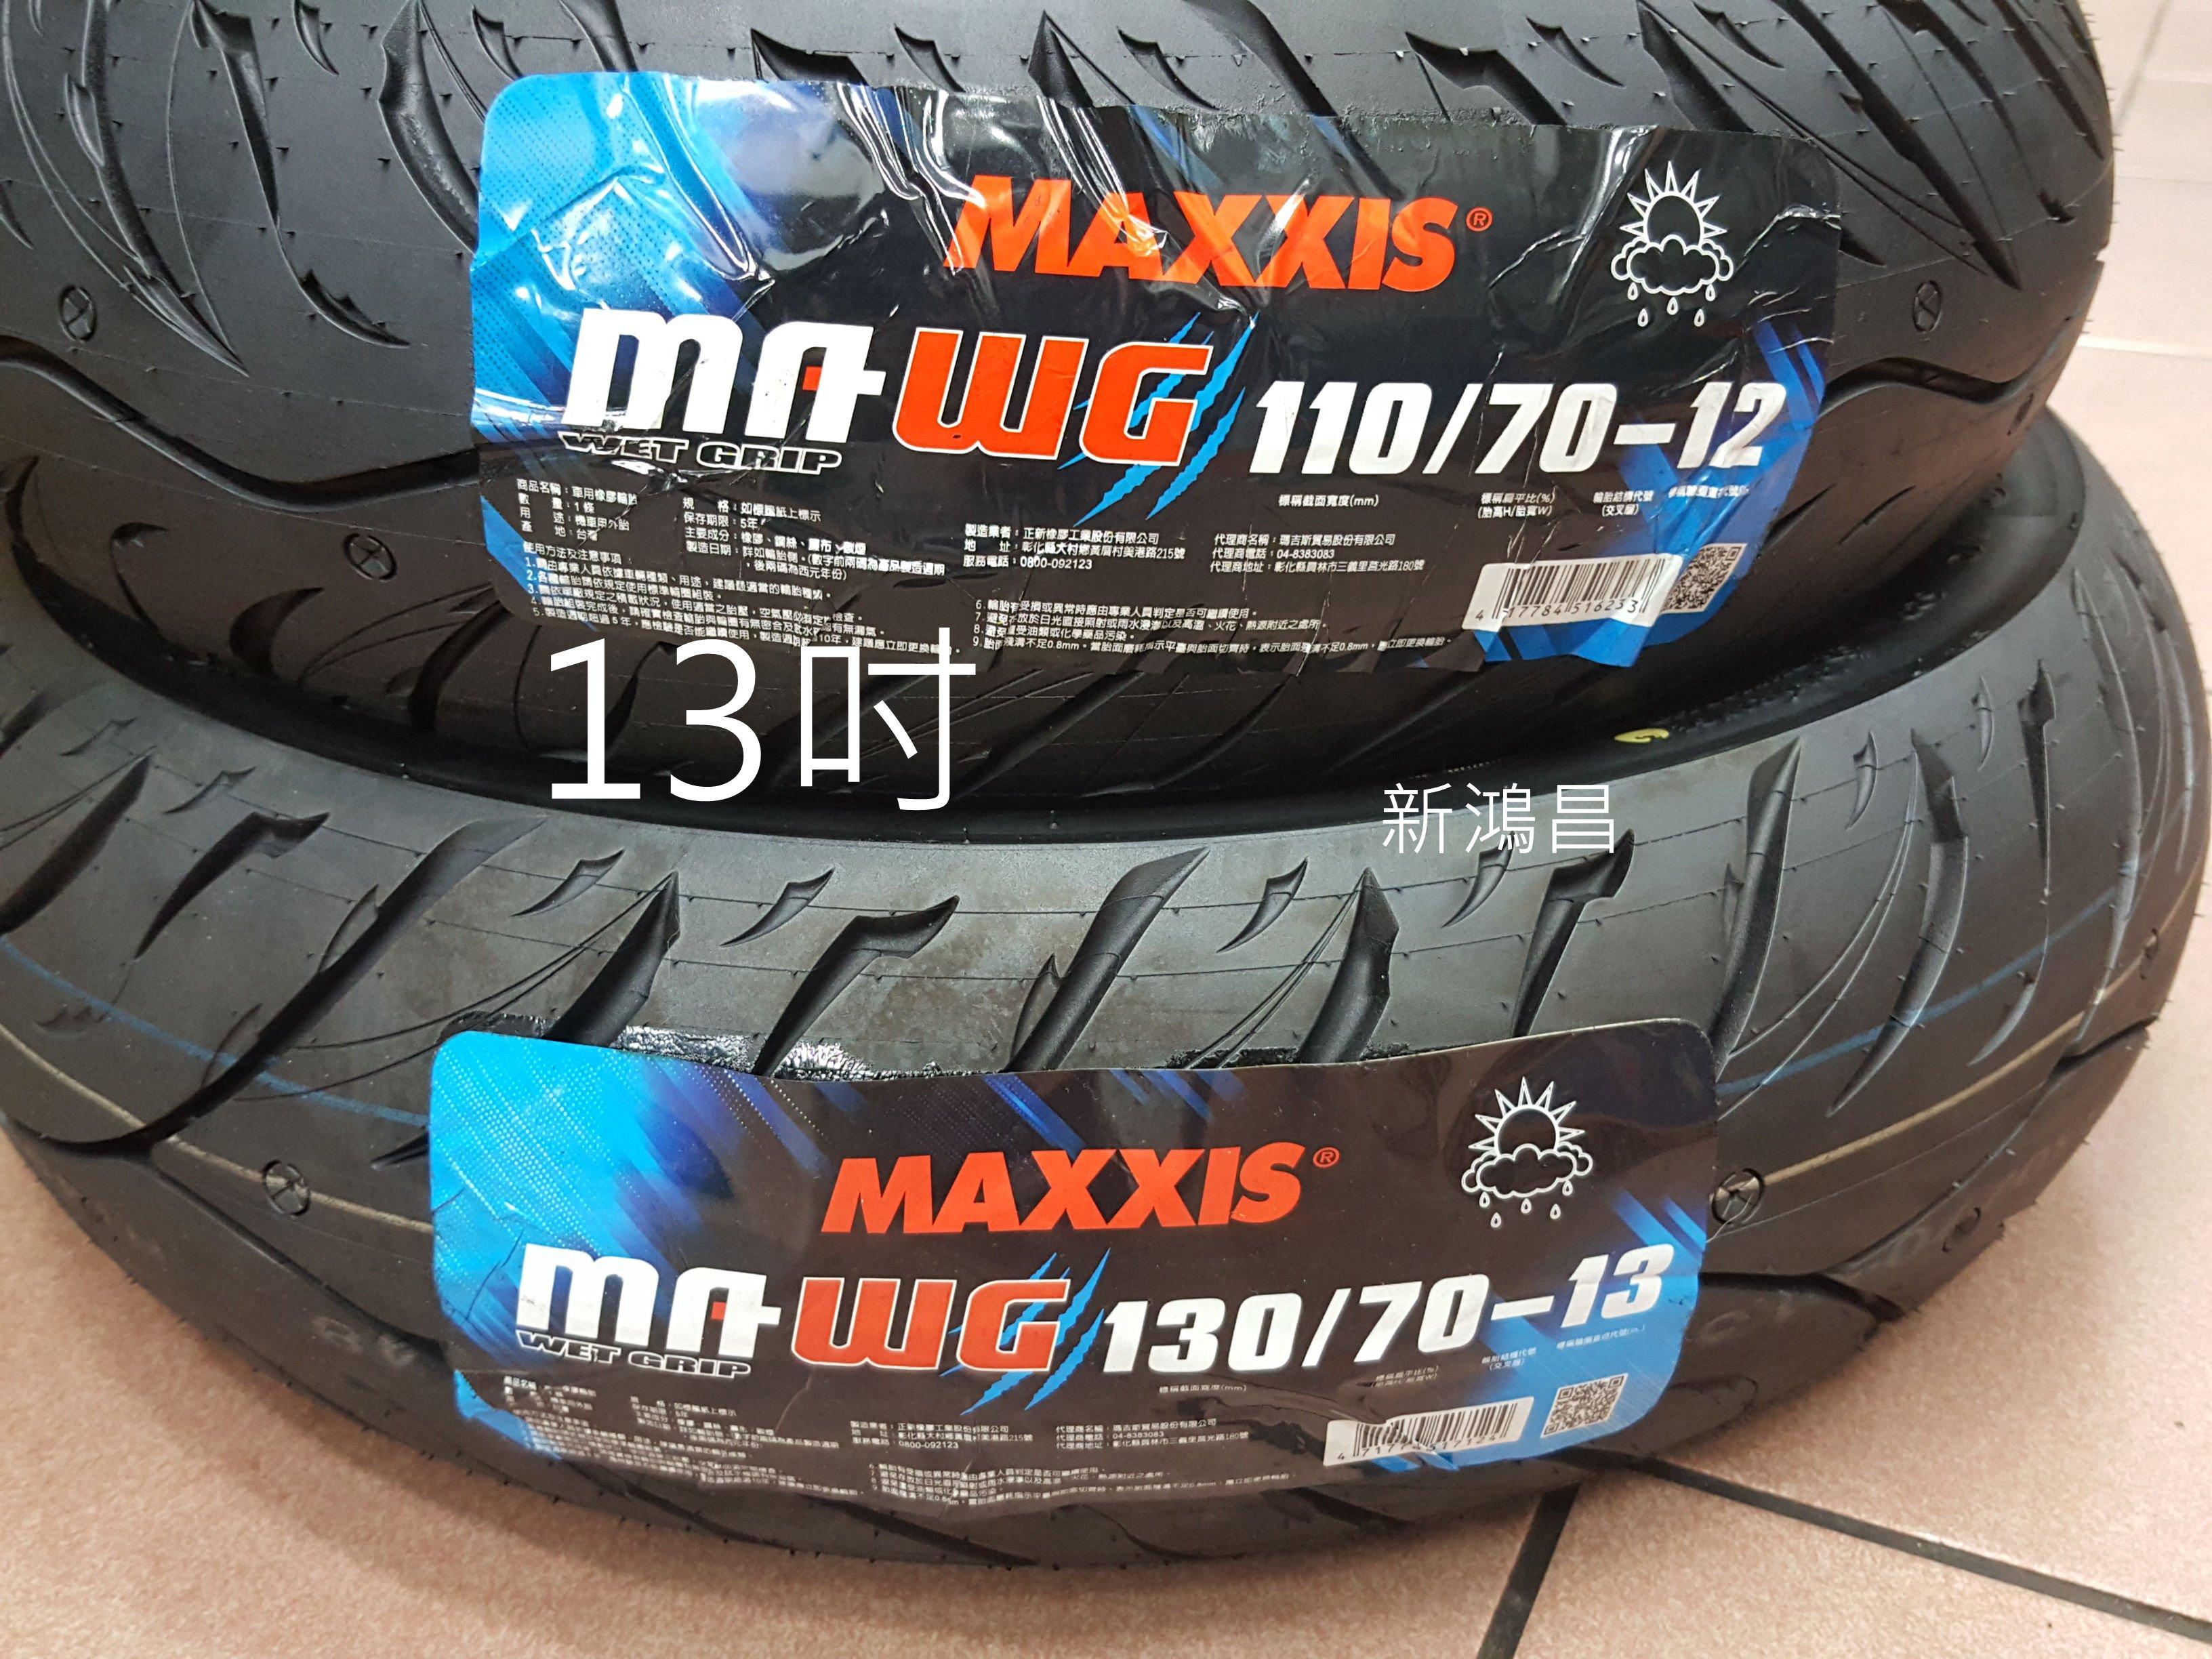 【新鴻昌】MAXXIS瑪吉斯 MA-WG 水行俠 120/70-13 130/70-13機車輪胎 13吋